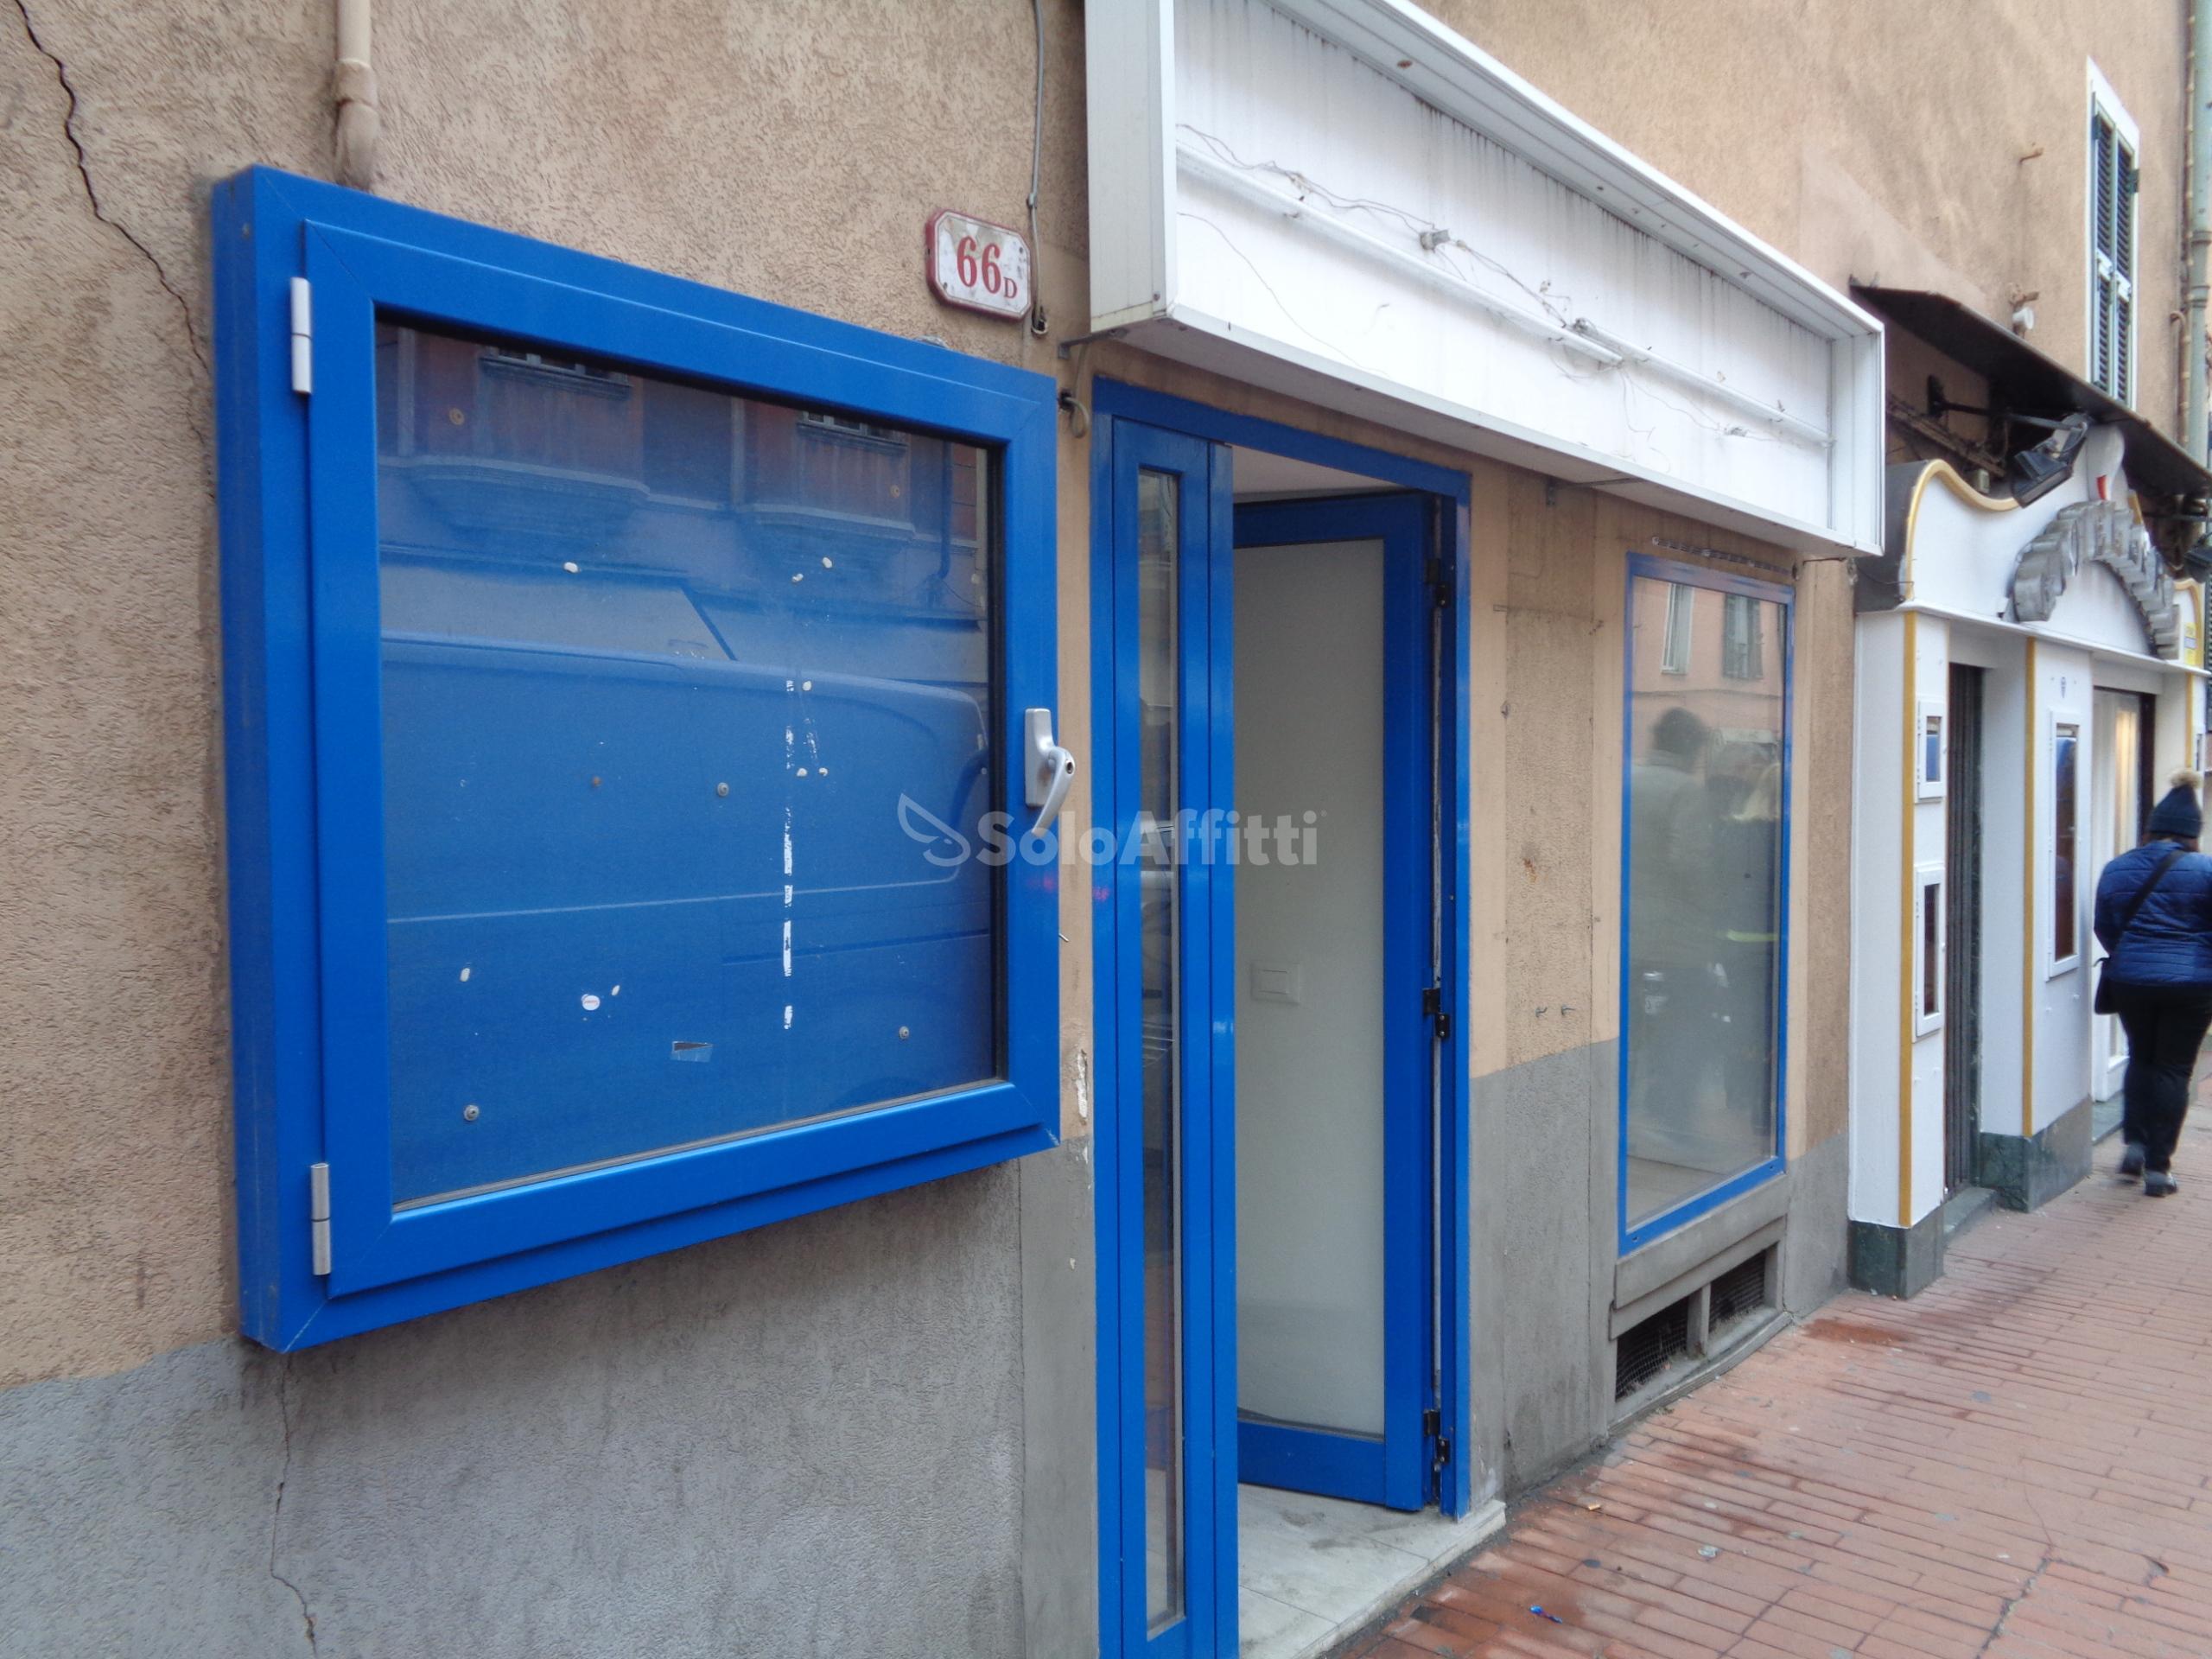 Fondo/negozio 1 vetrina/luce